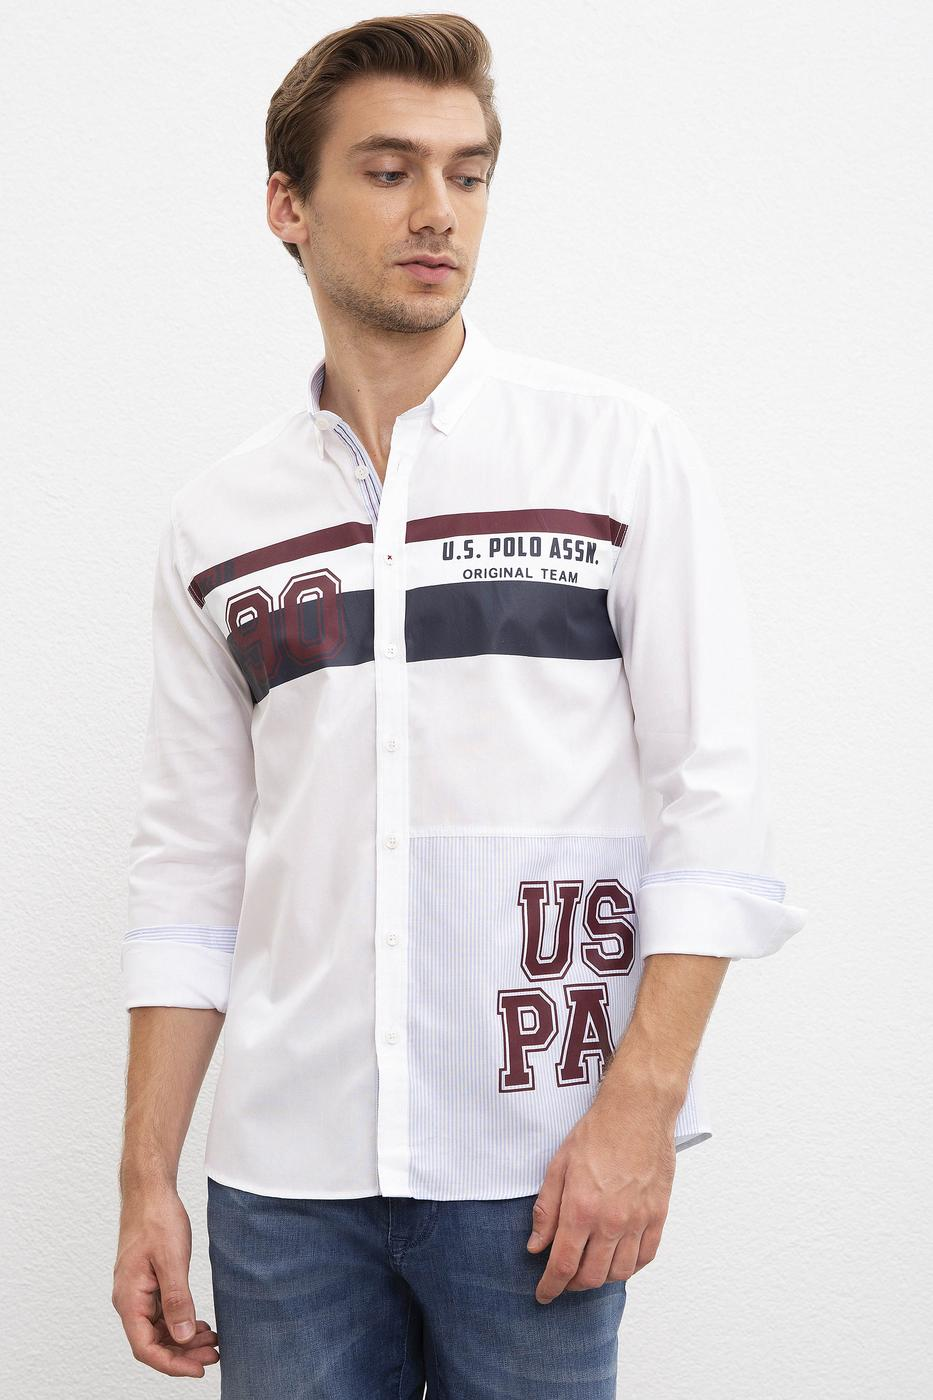 Beyaz Gömlek Uzunkol